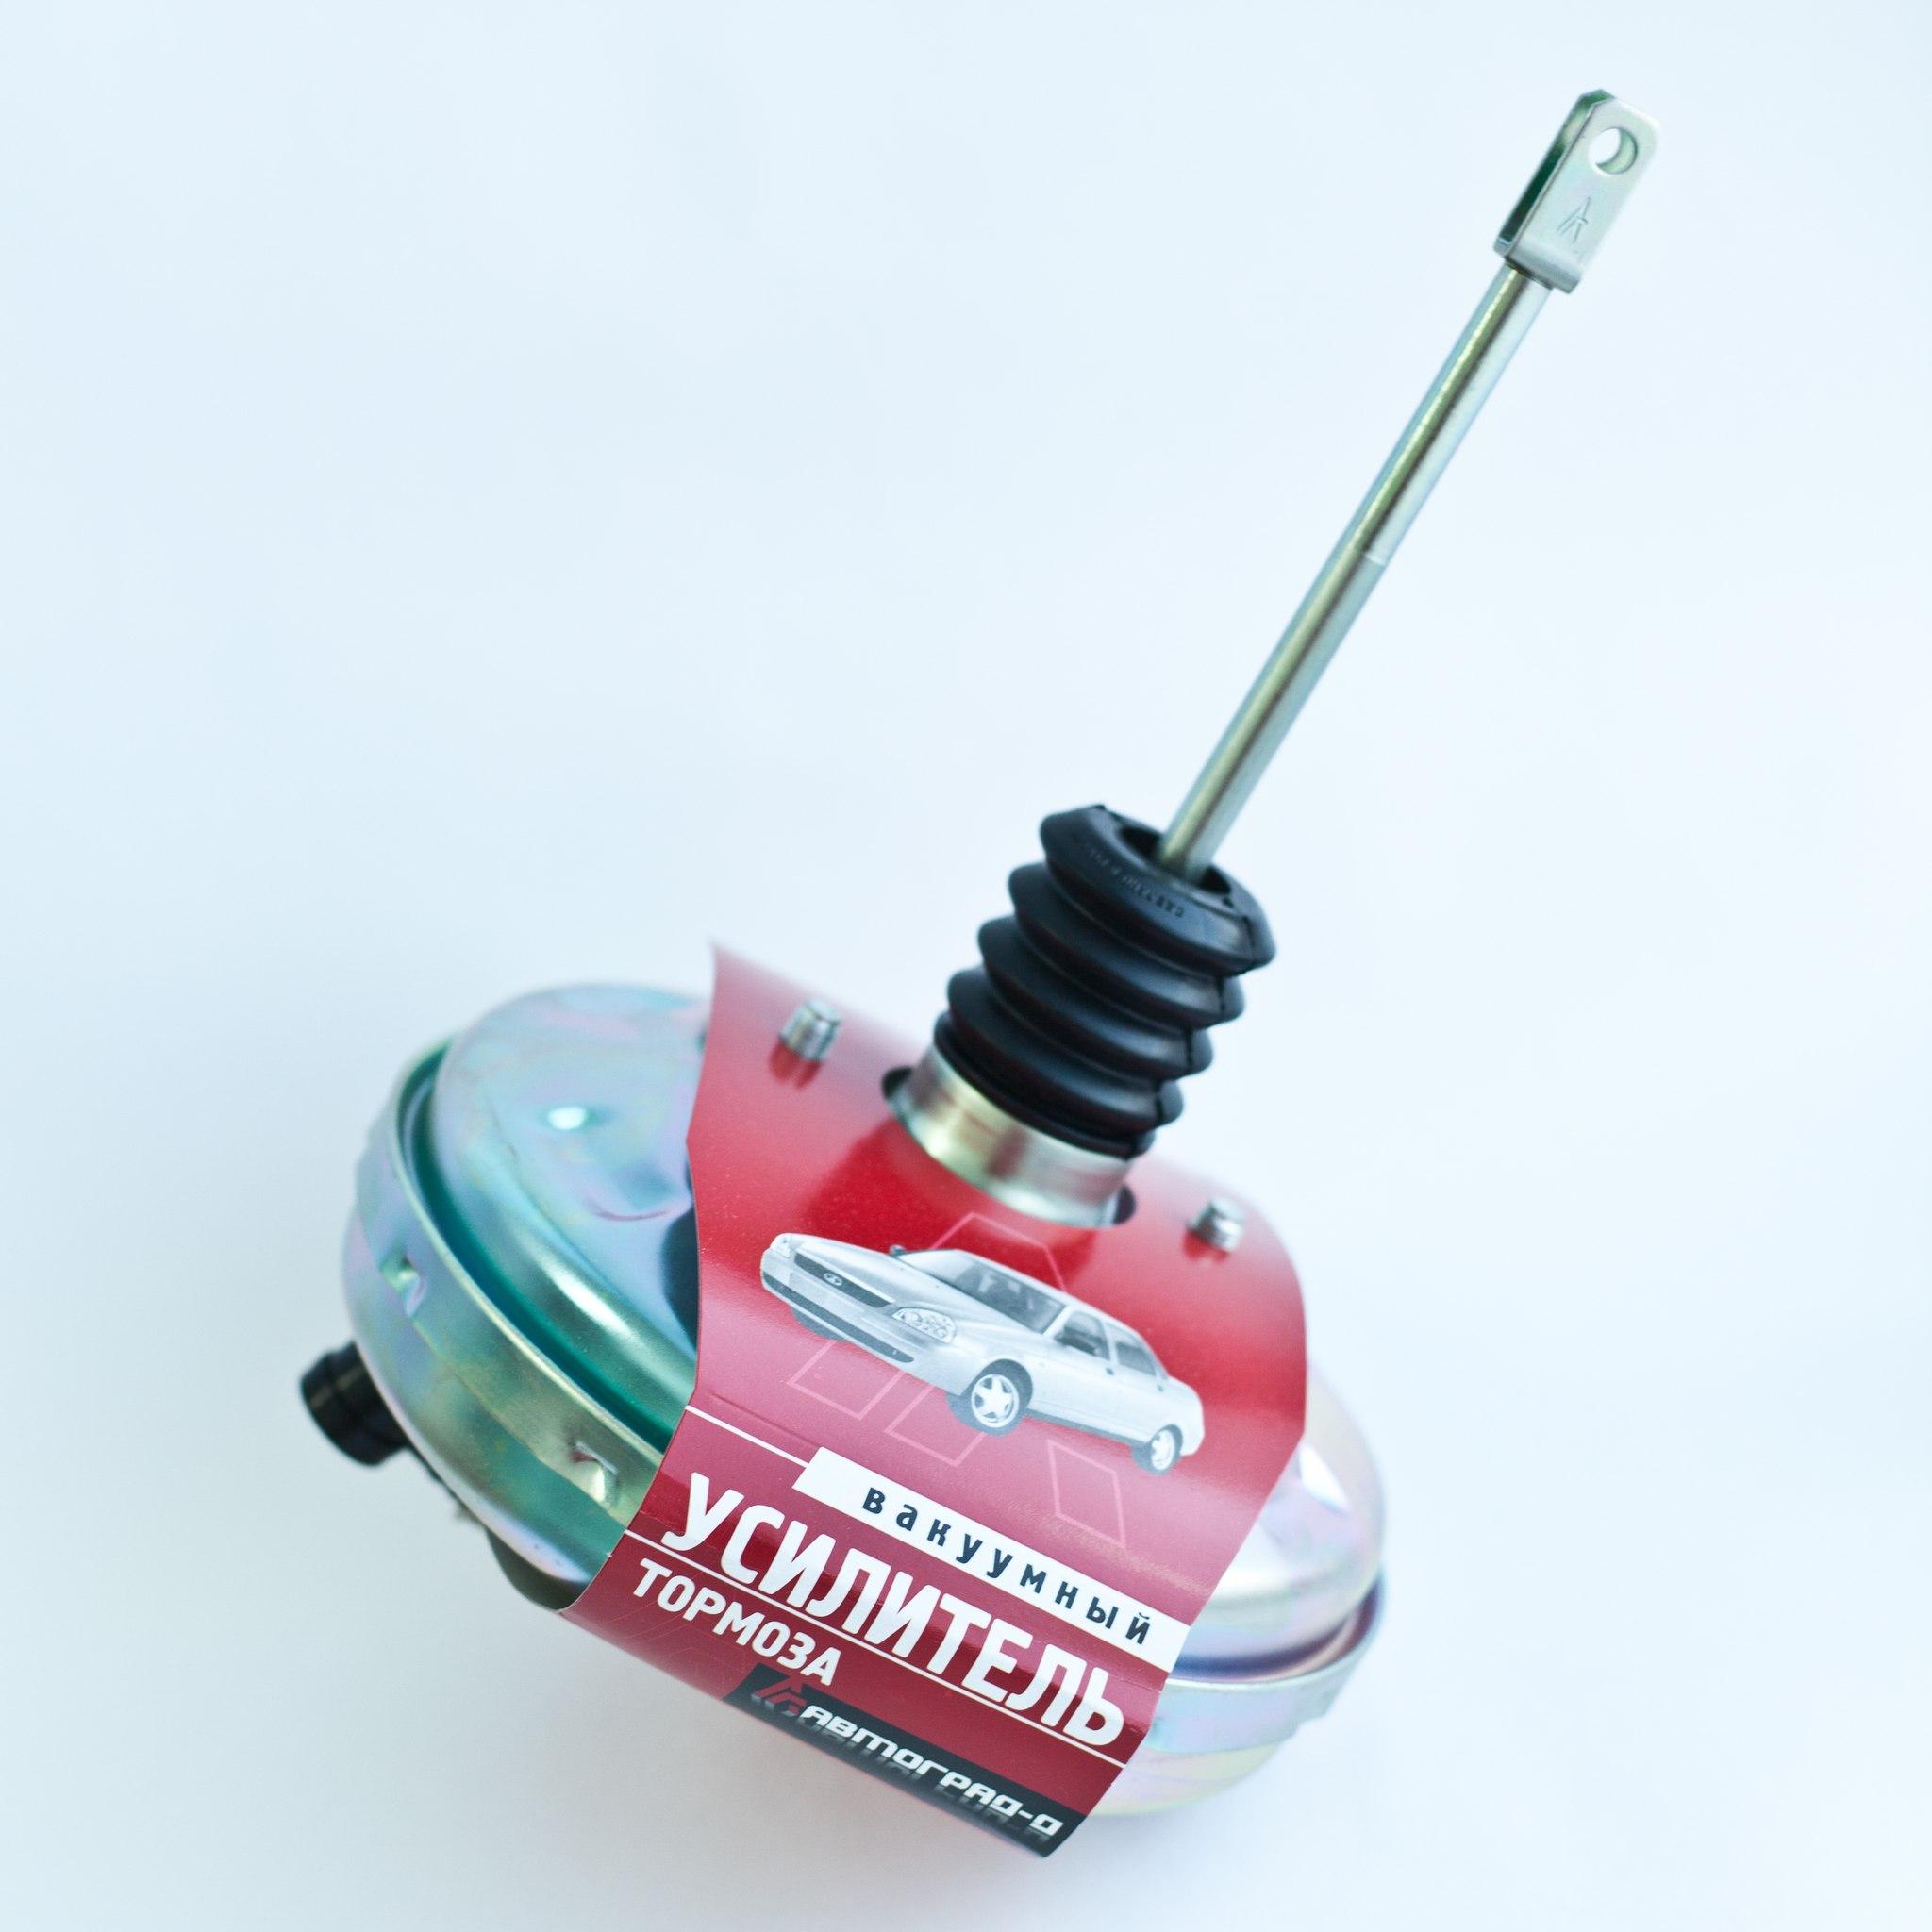 Ремонт вакуумного усилителя тормозов 2114 своими руками фото 489